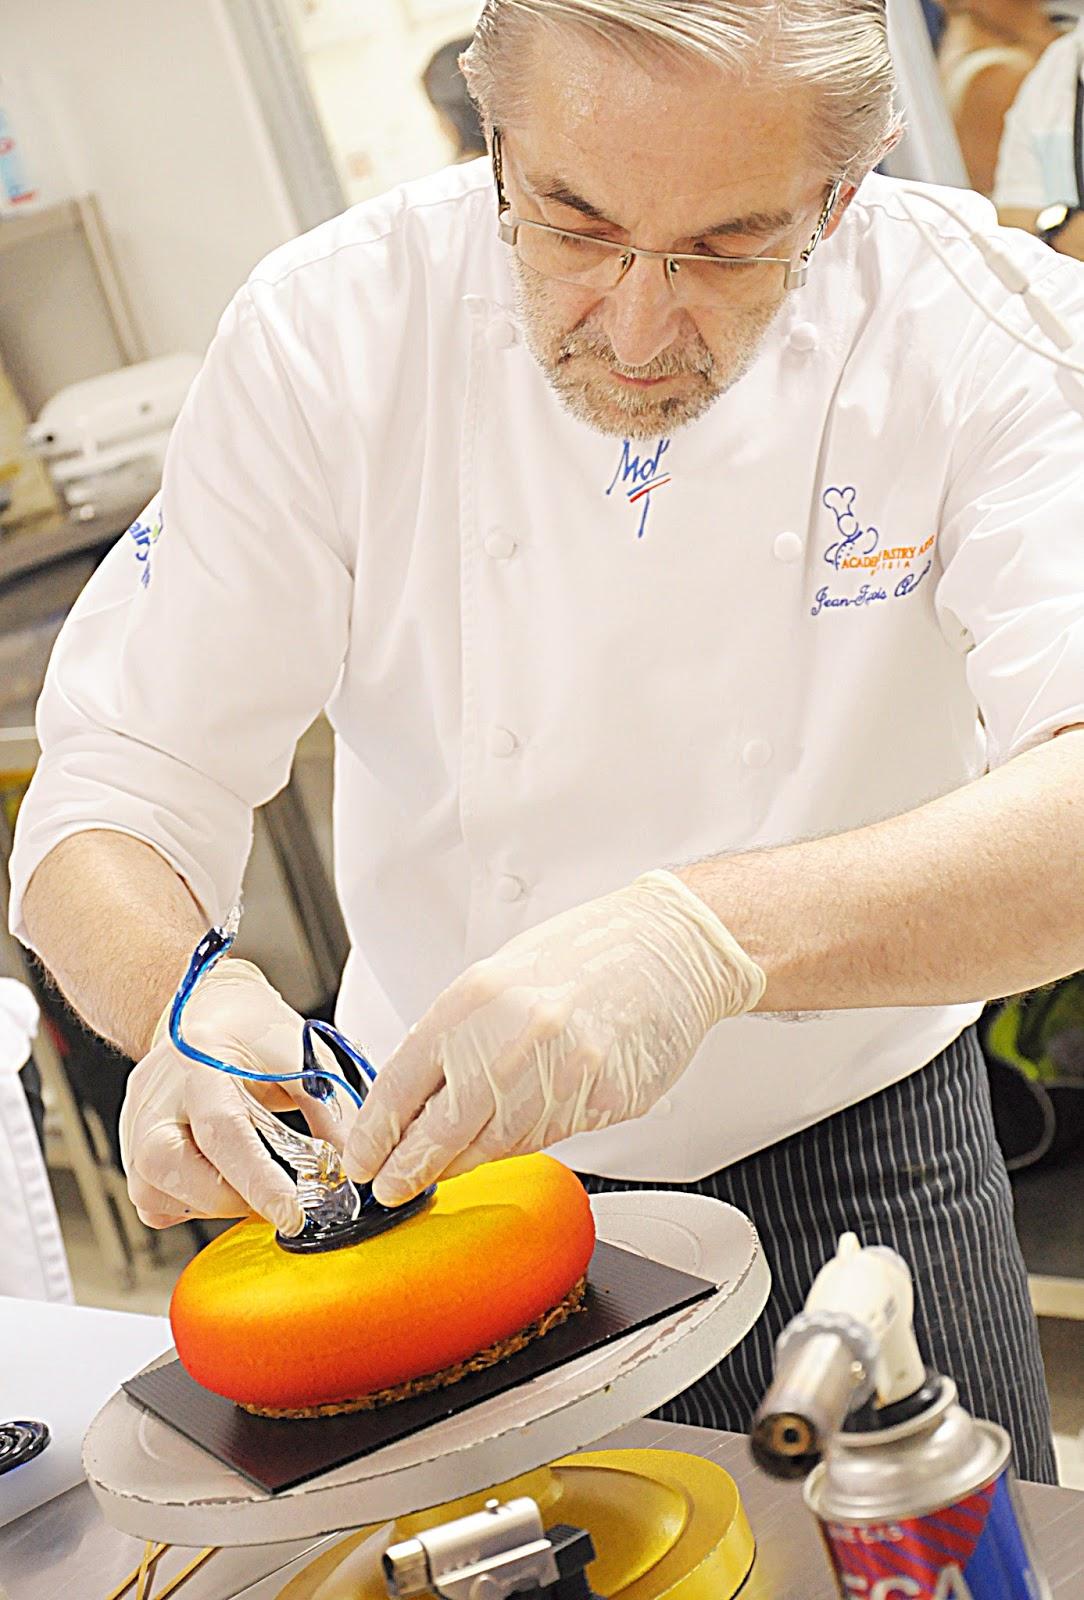 world chef forum